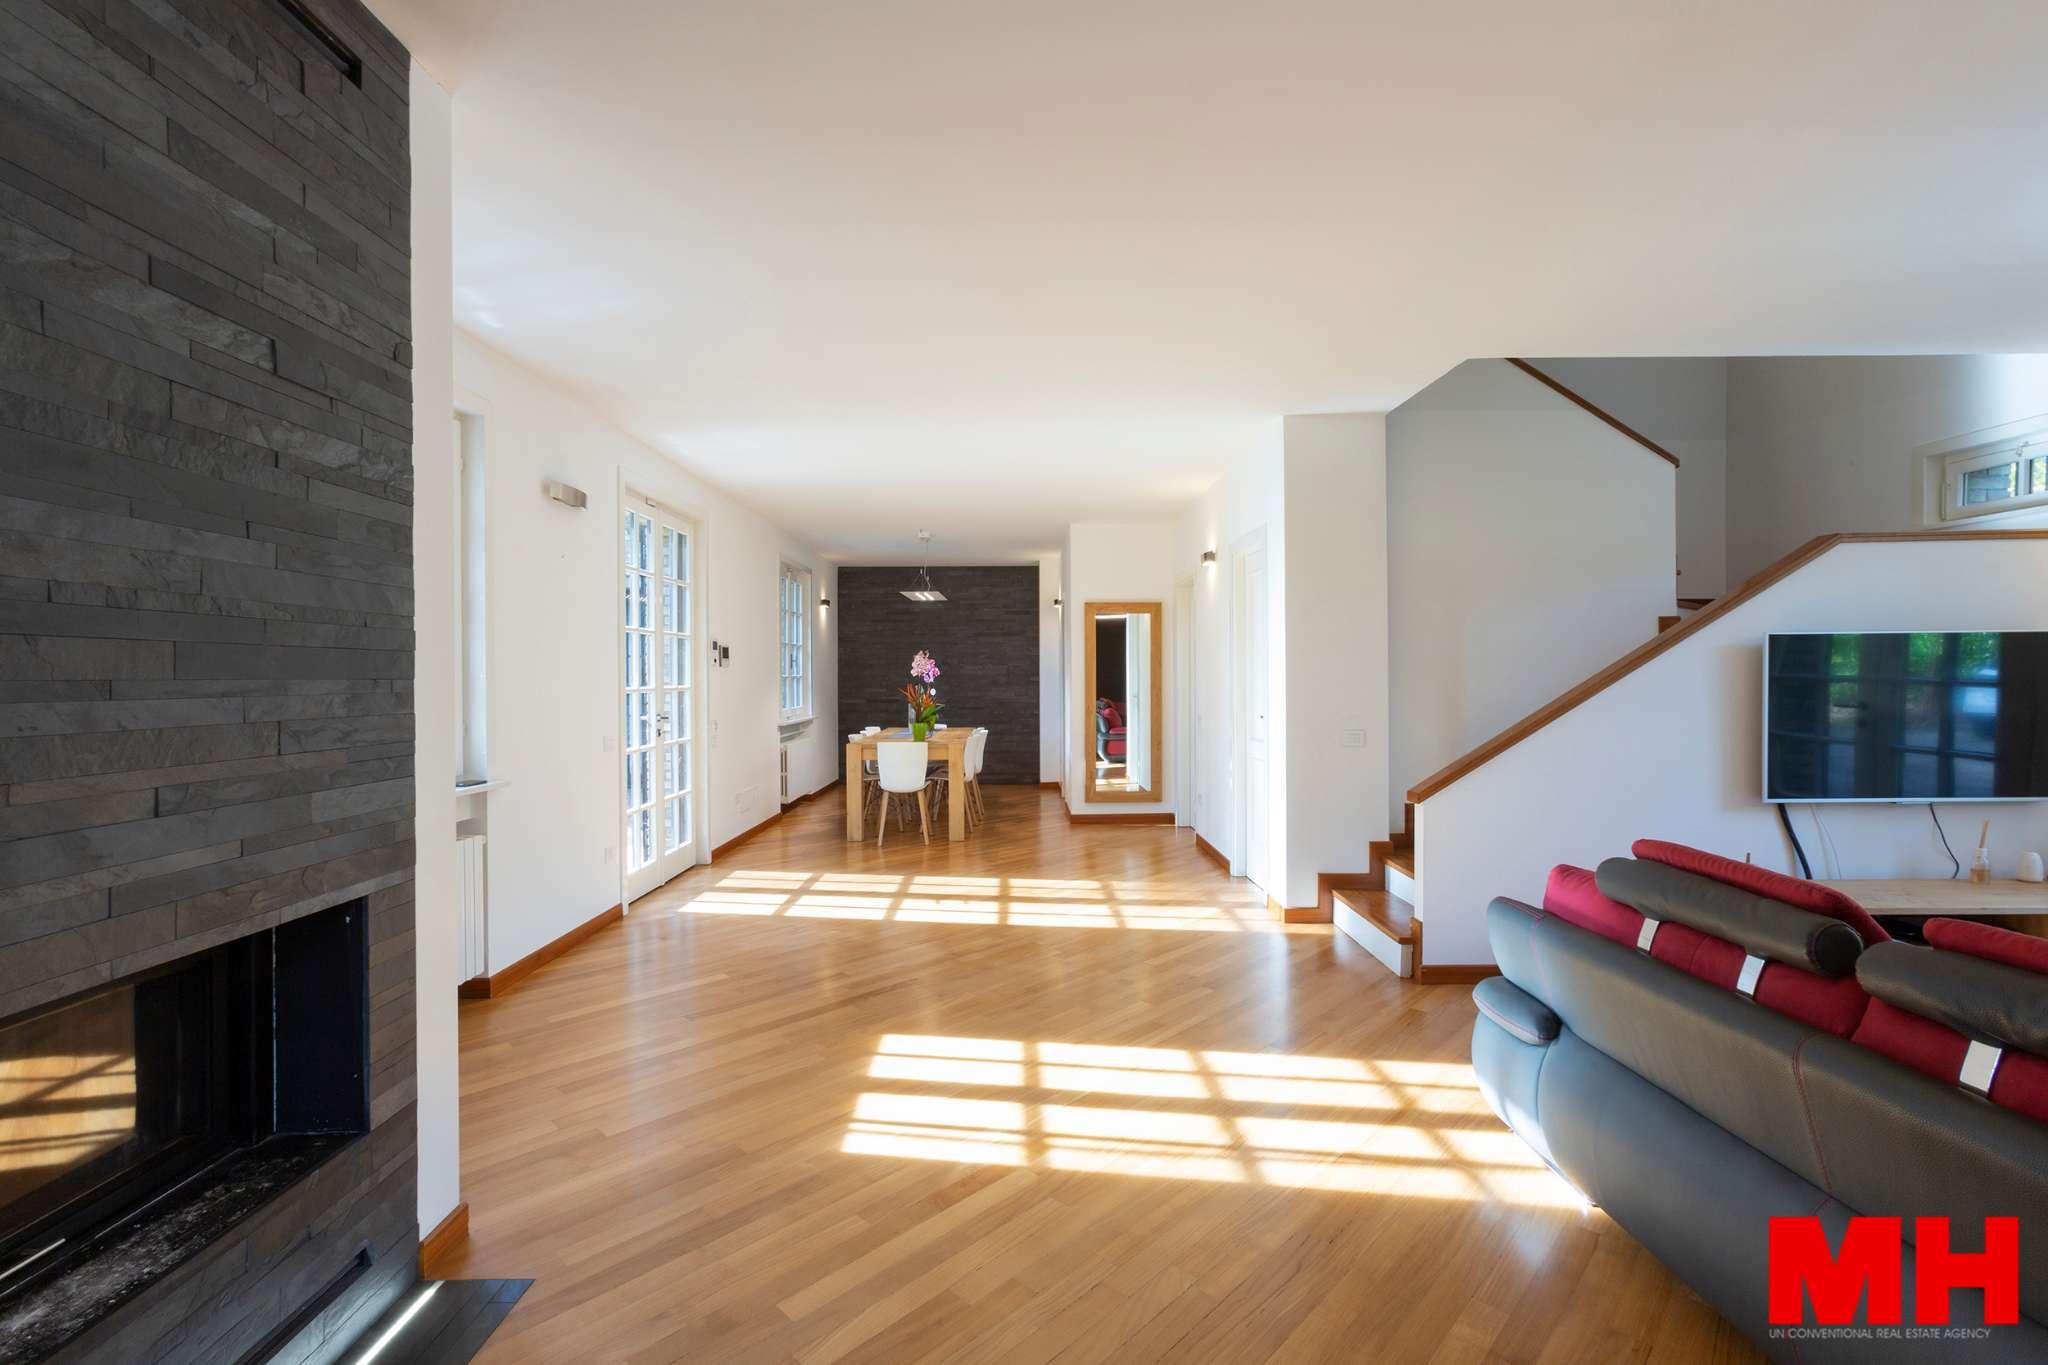 Villa Bifamiliare in vendita a Venegono Superiore, 8 locali, prezzo € 520.000 | CambioCasa.it